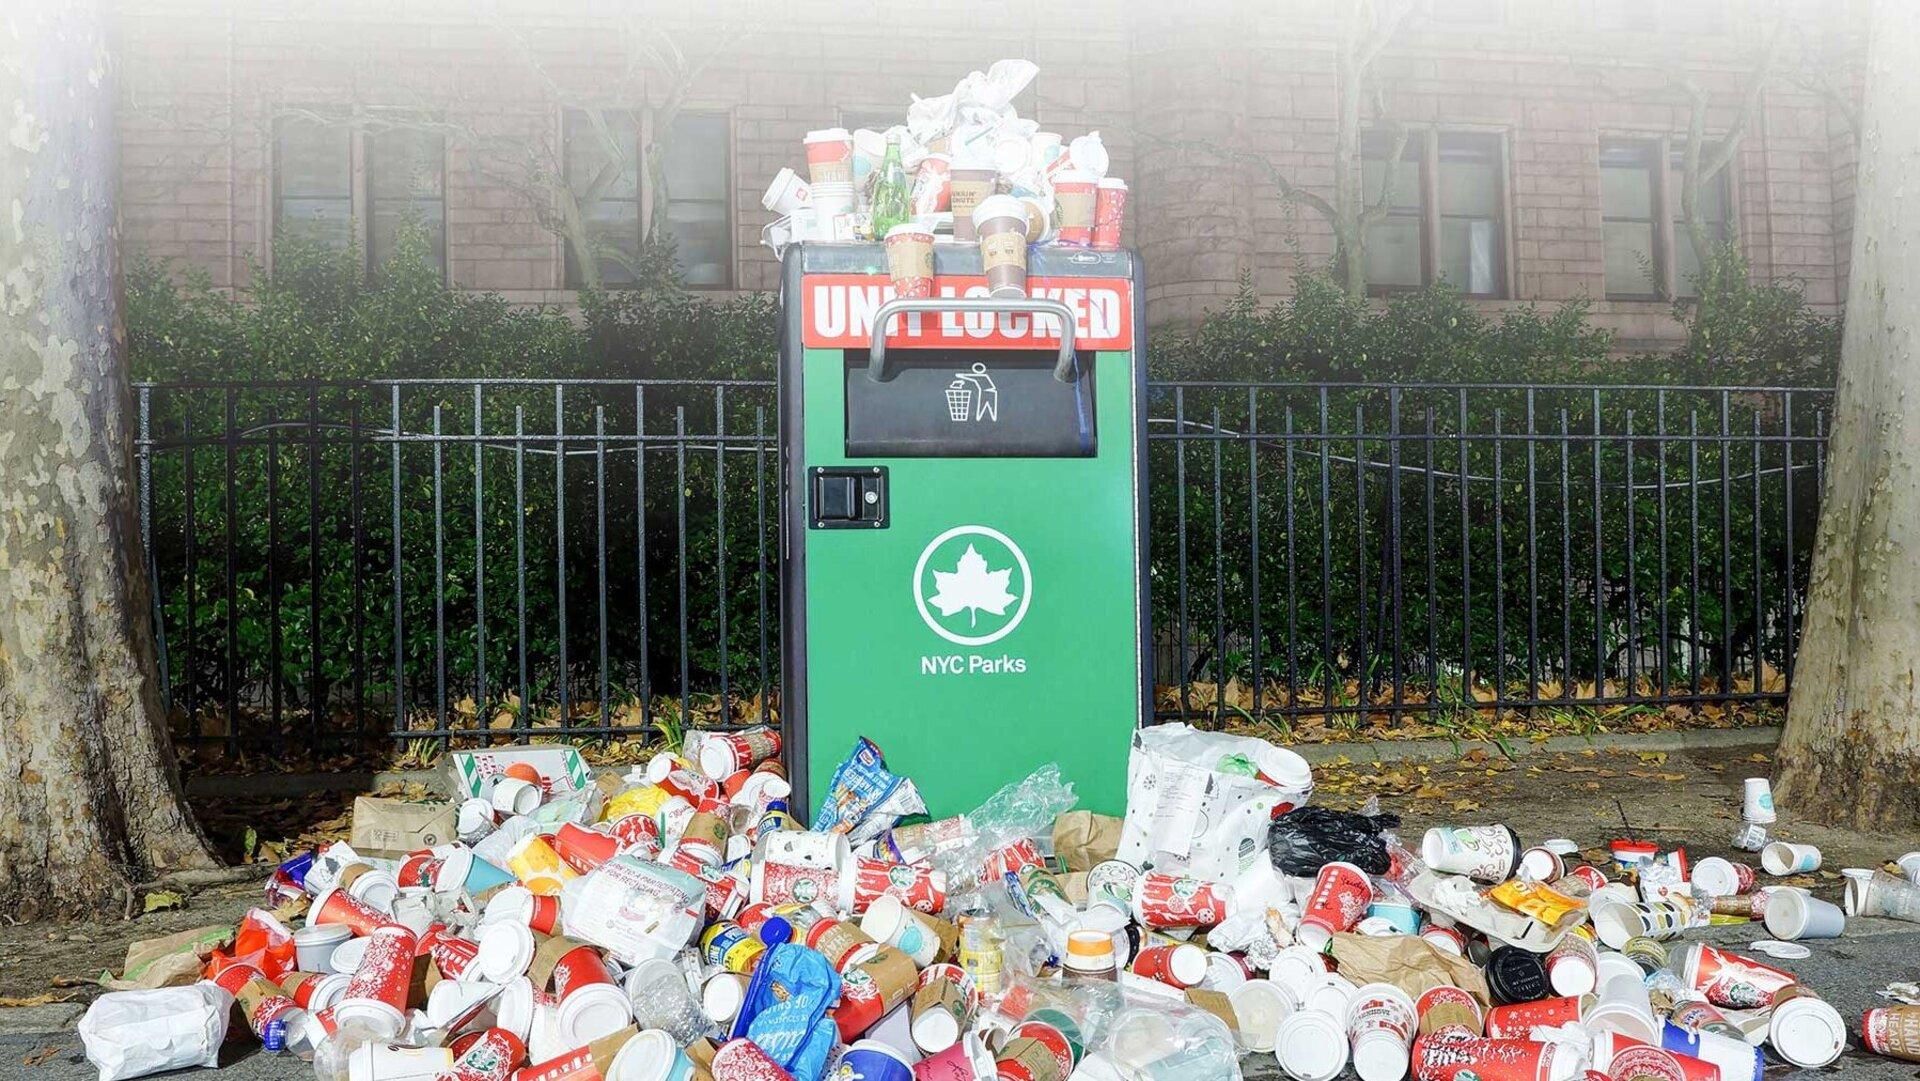 Einfach nur weggeworfen: Dutzende von Einweg-Plastikbechern liegen auf der Straße